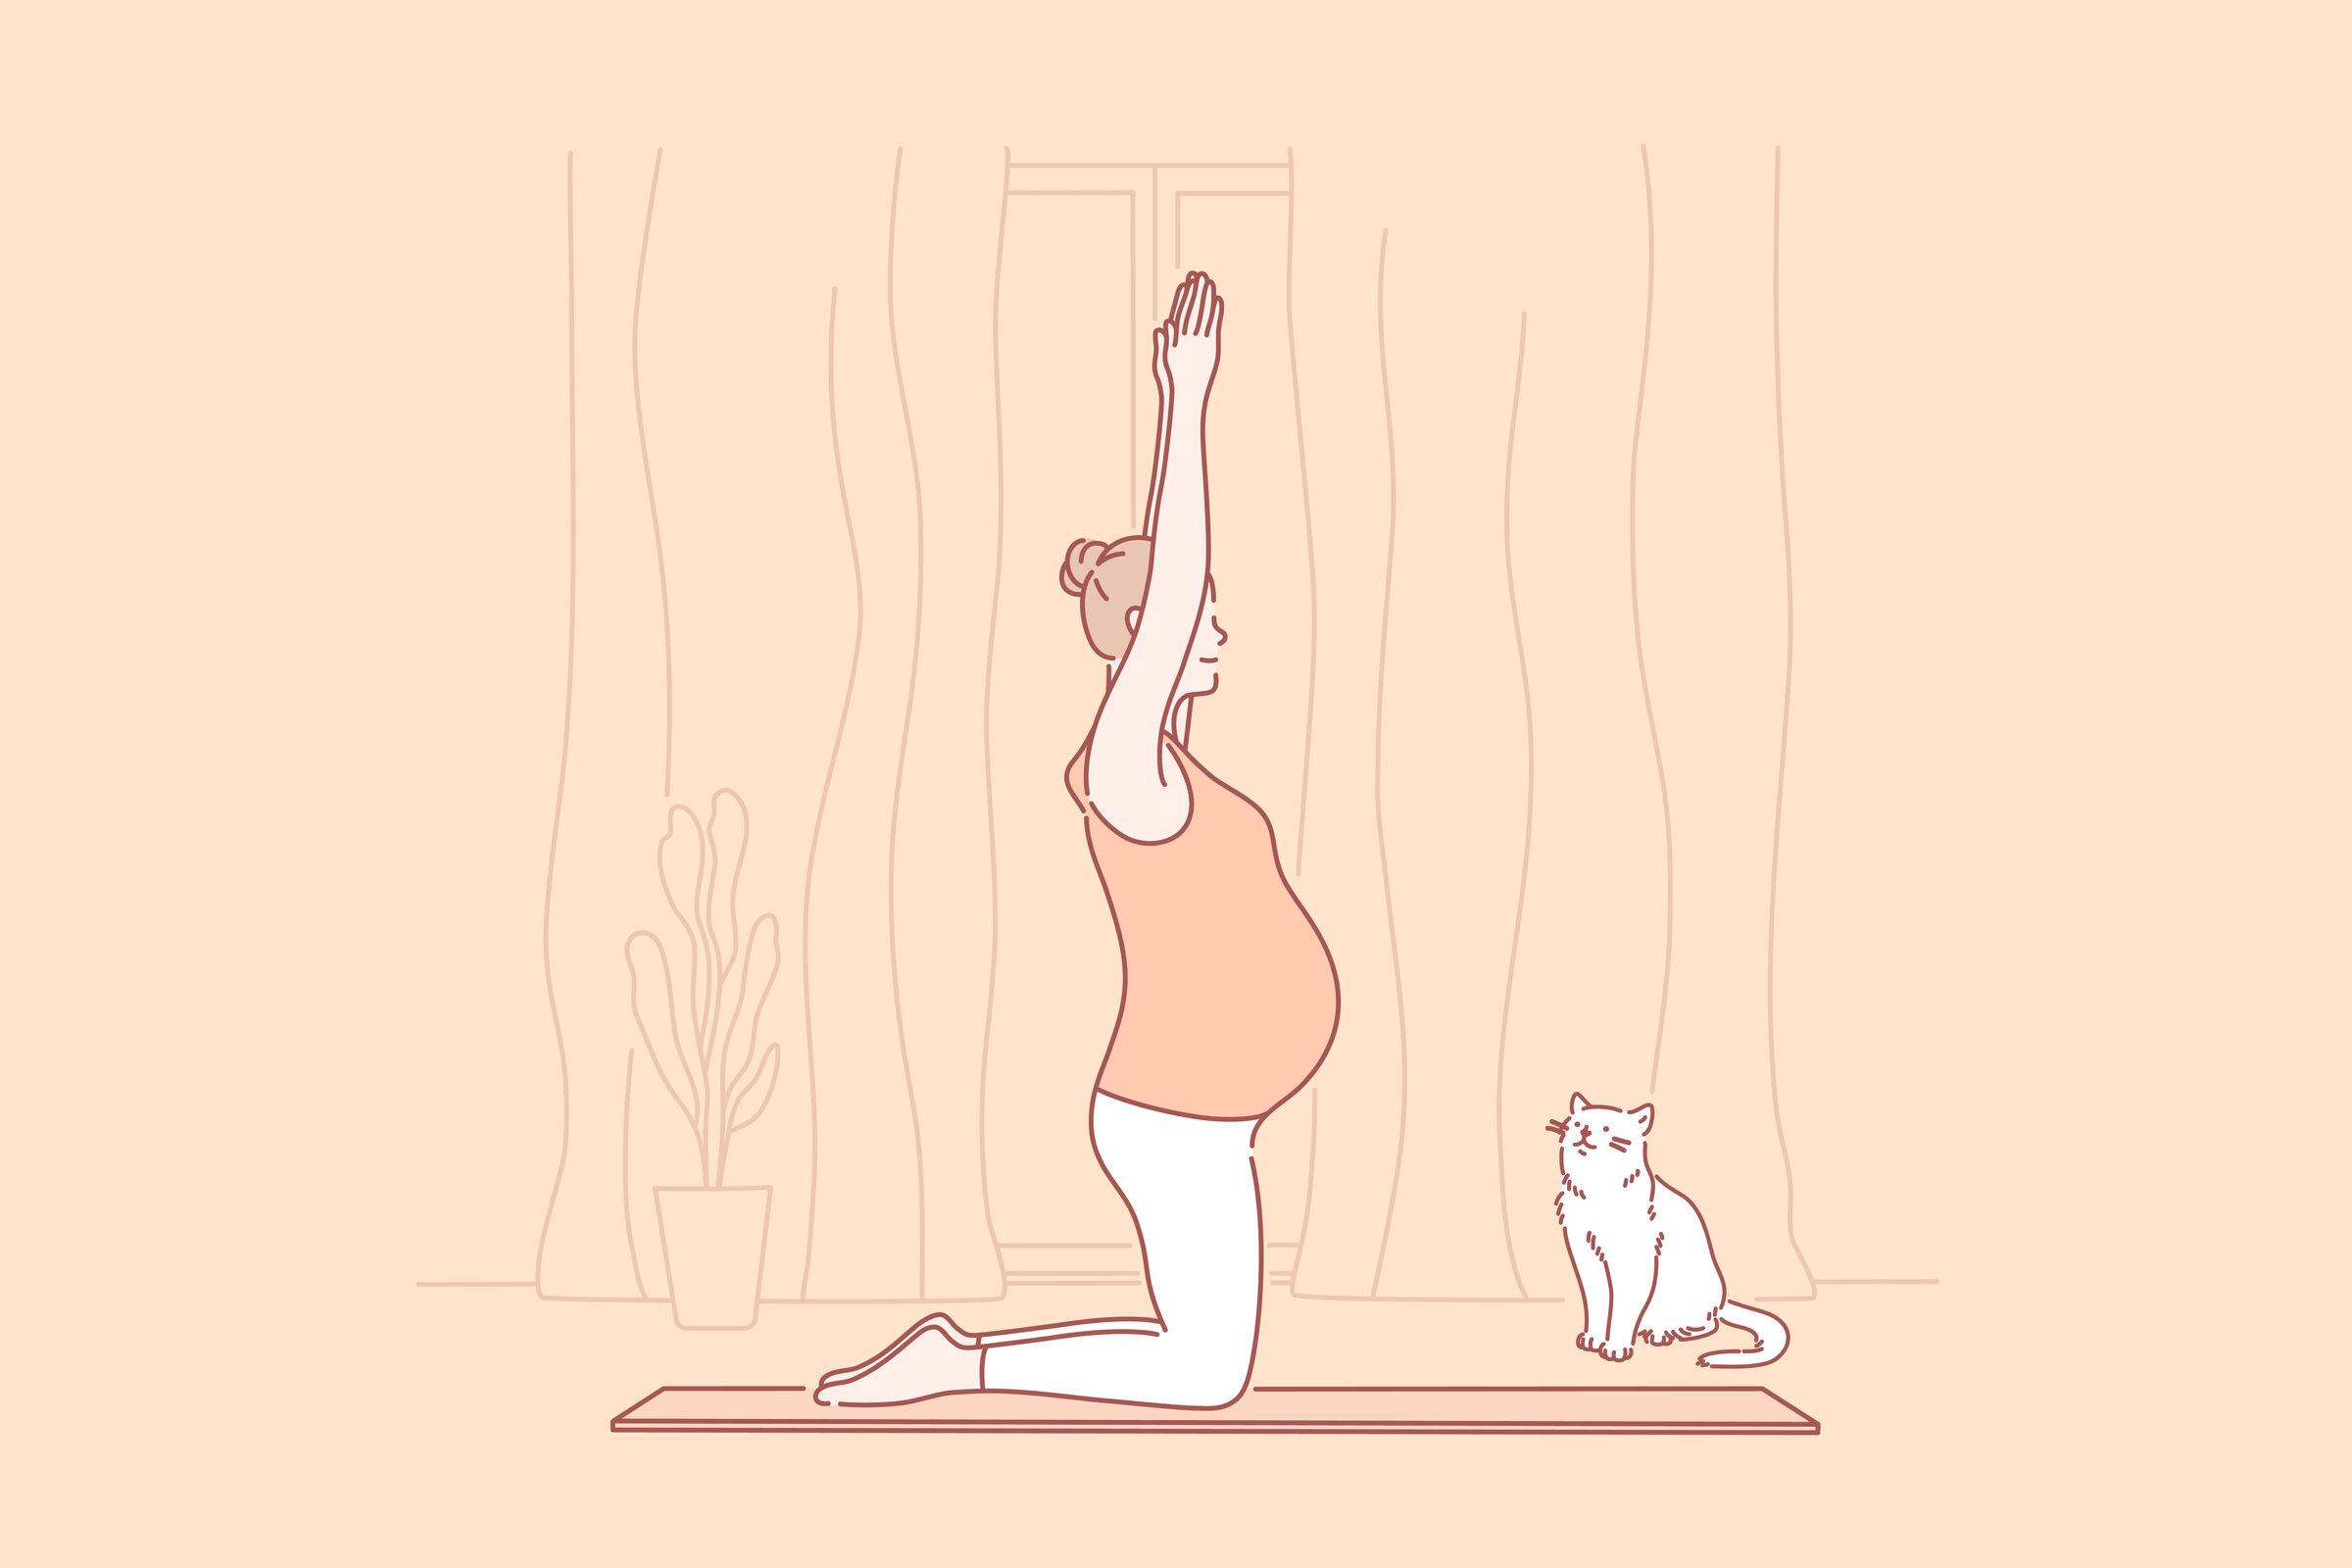 Gestante-fazendo-exercicio-com-o-gato-do-lado